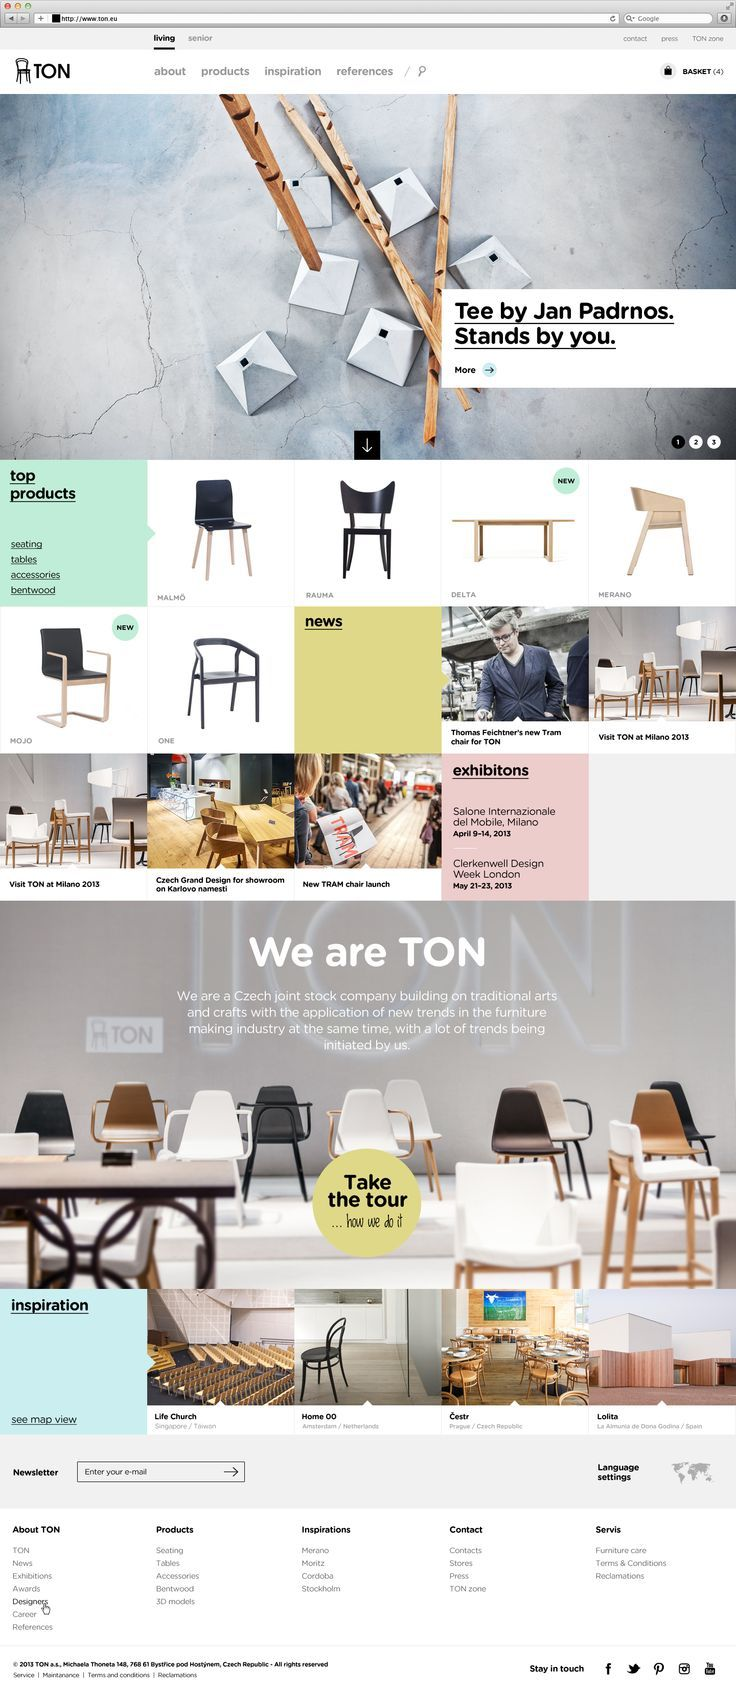 Website design inspiration | Website designs, Header and Website